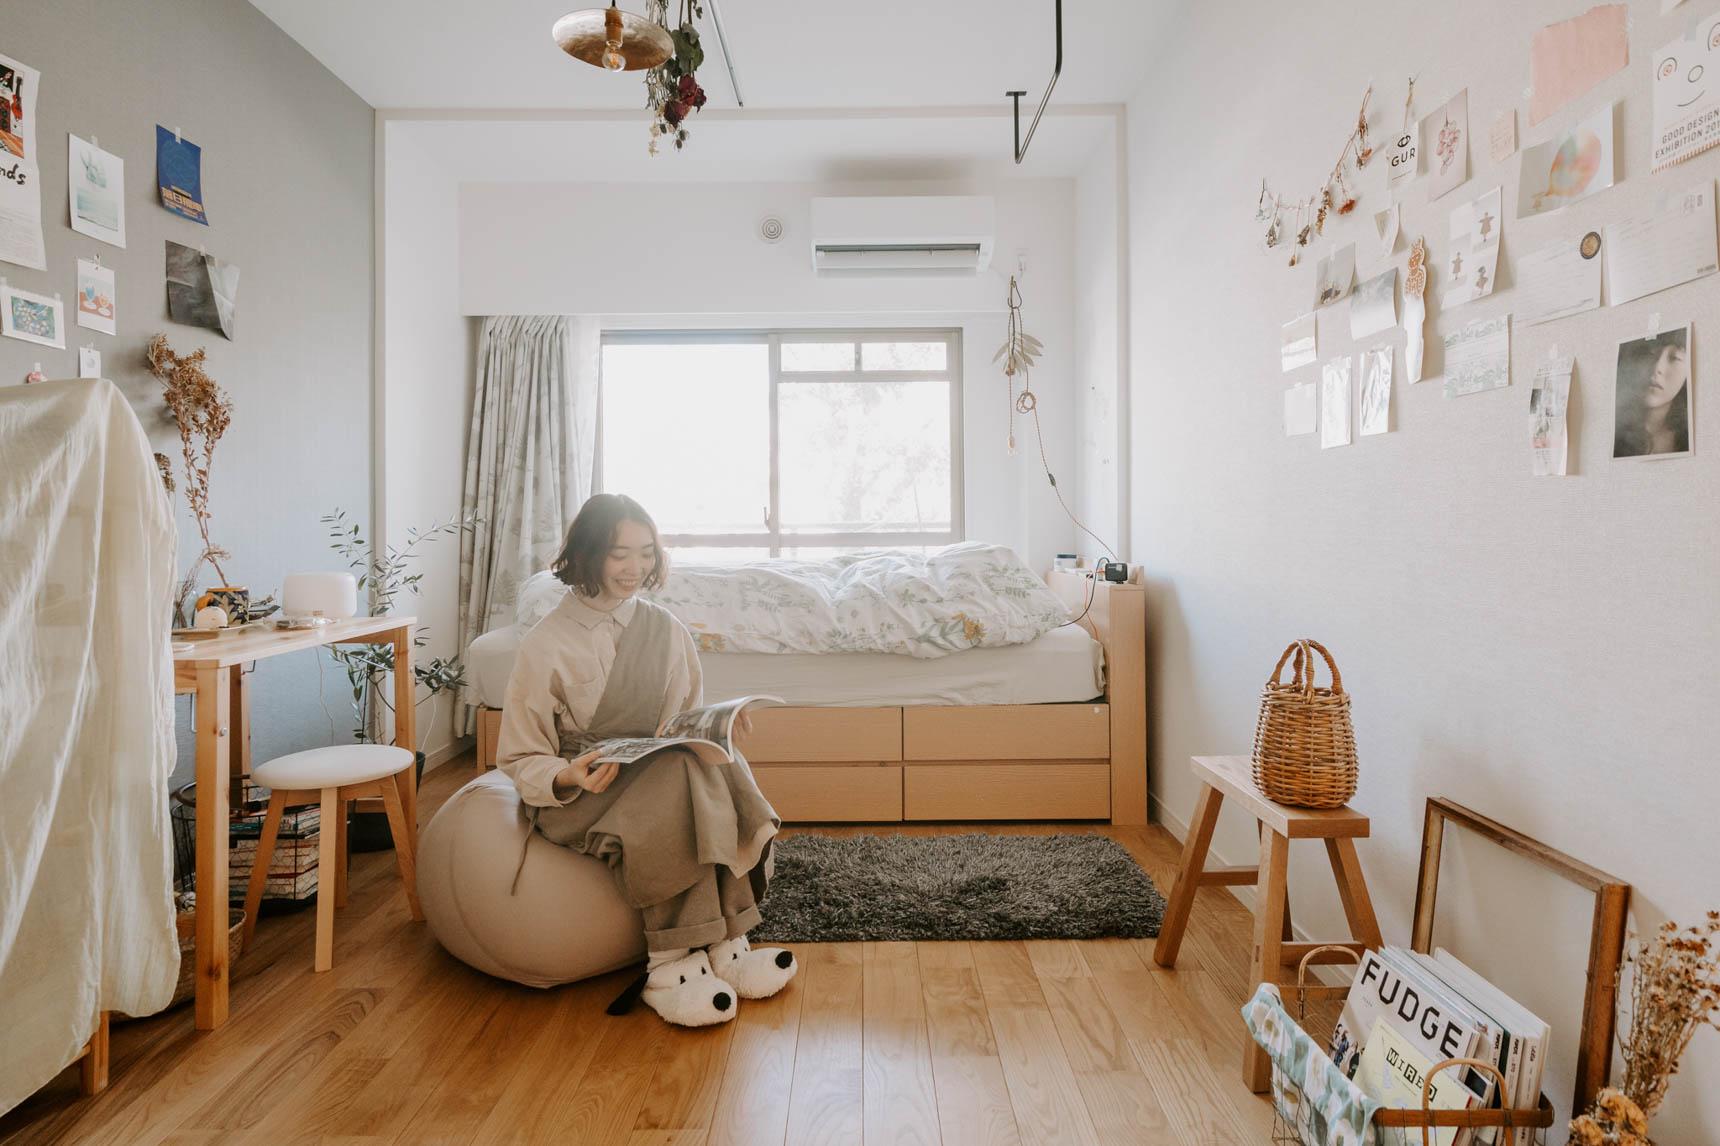 グッドルームスタッフの播磨さん。 就職を機に、東京で見つけた一人暮らしのお部屋は、25㎡のワンルーム。無垢のフローリングが自慢の、グッドルームオリジナルリノベーション「TOMOS(トモス)」のお部屋です。床の色とも合うナチュラルな色合いの家具で揃っていますね。